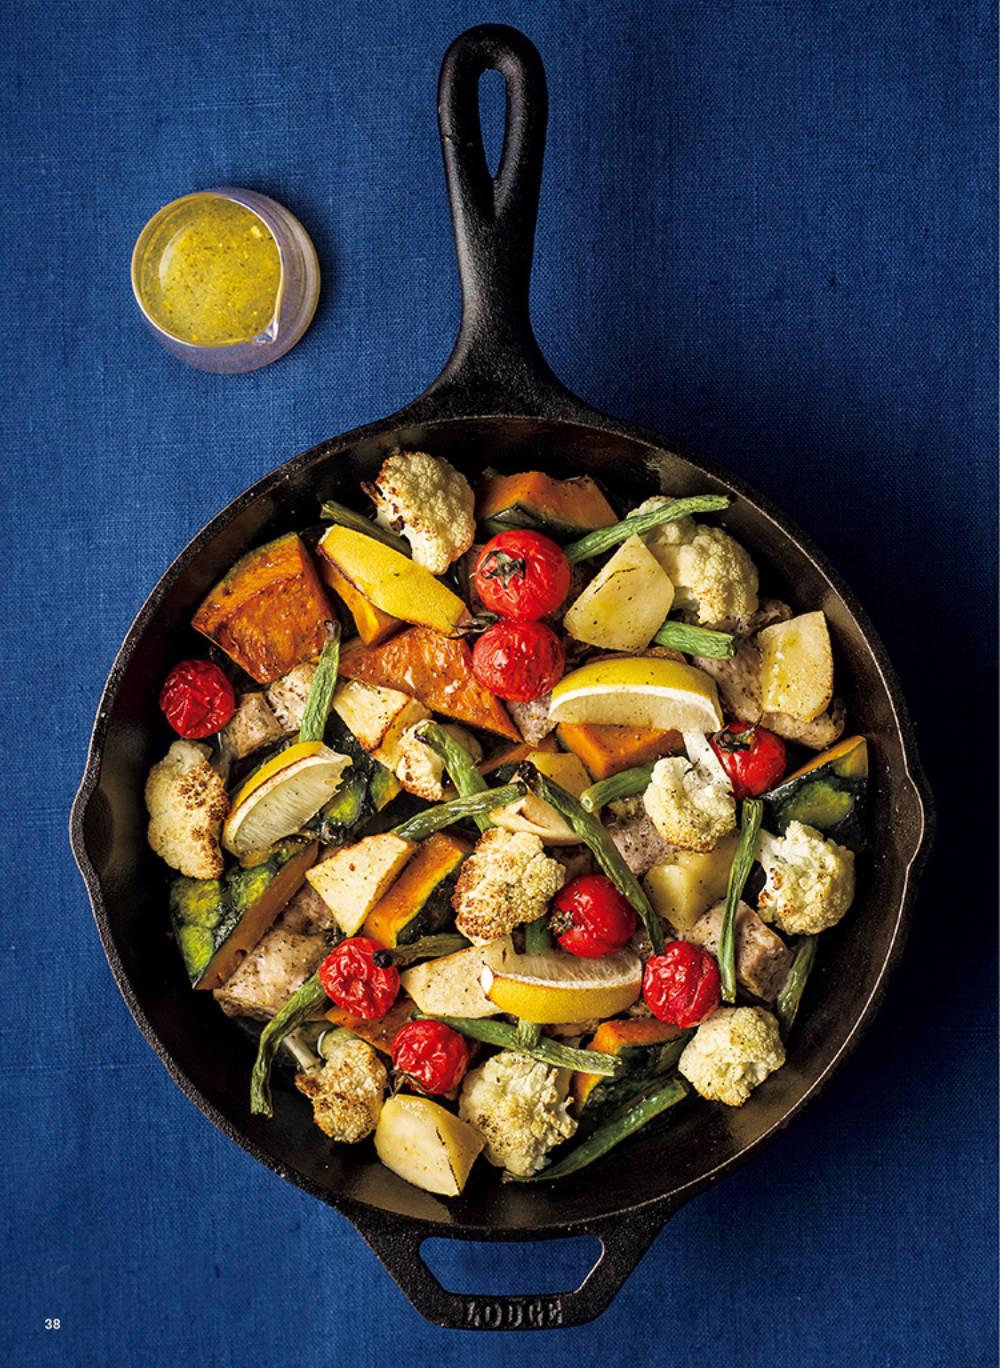 ◤博客來BOOKS◢ 暢銷書榜《推薦》鑄鐵鍋絕品美味料理:使用LODGE平底鍋、湯鍋、煎鍋、焗烤盤